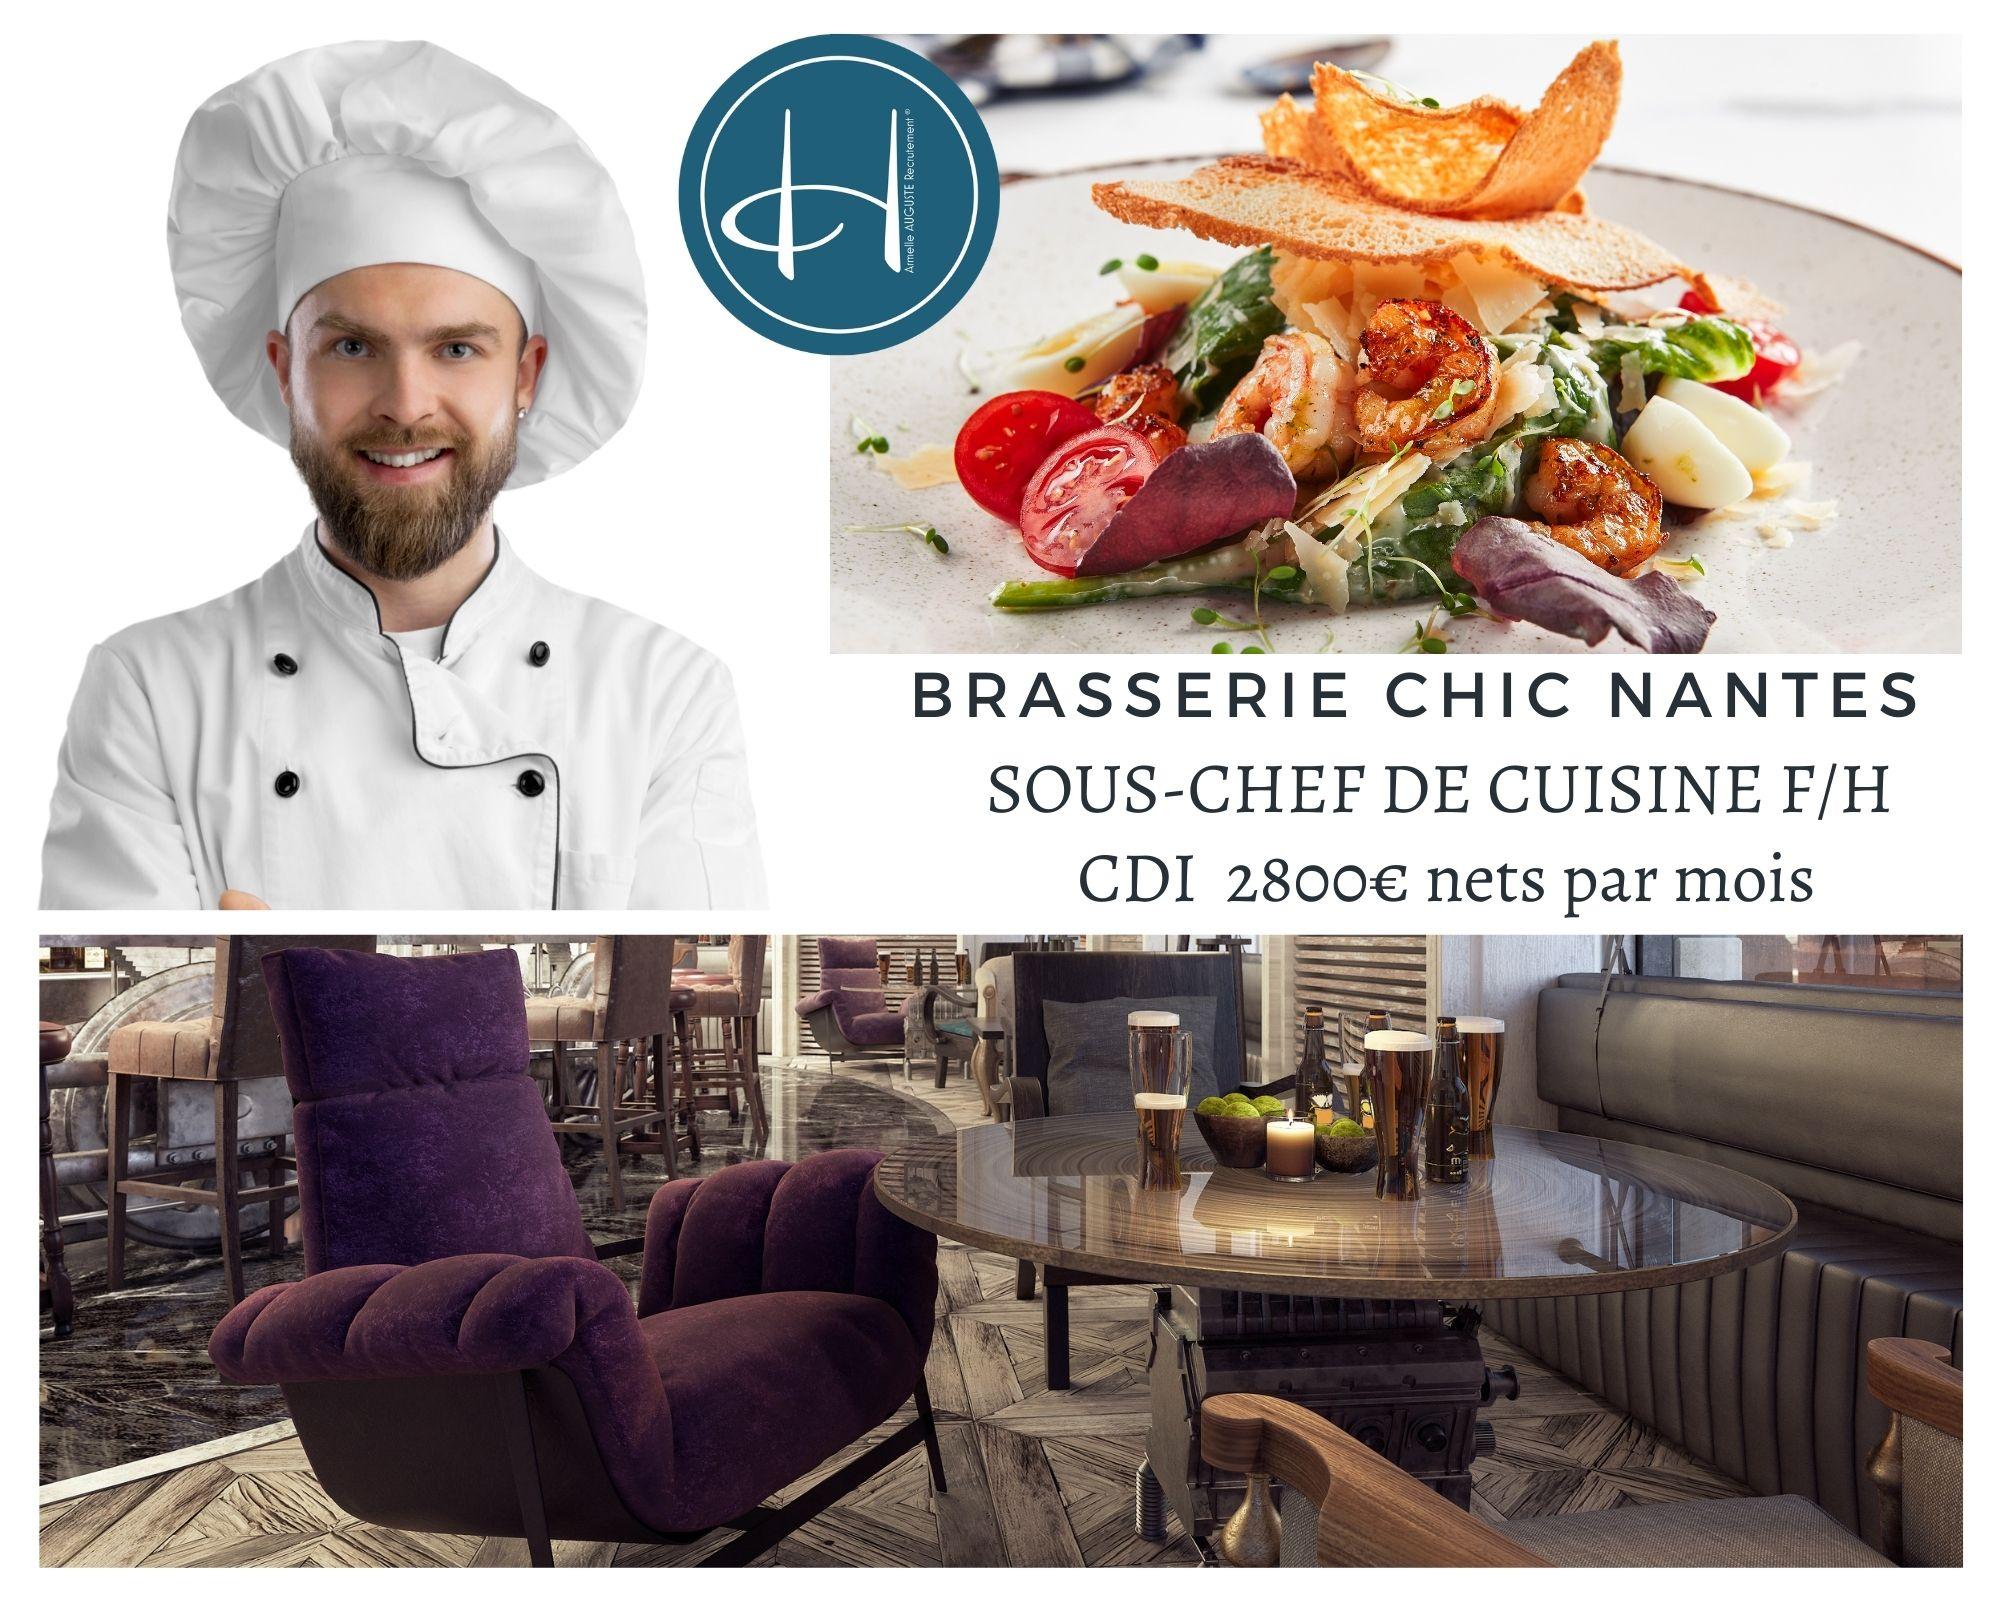 Recrutement: Second de cuisine brasserie haut de gamme proche Nantes F/H chez Armelle AUGUSTE Recrutement® à Nantes